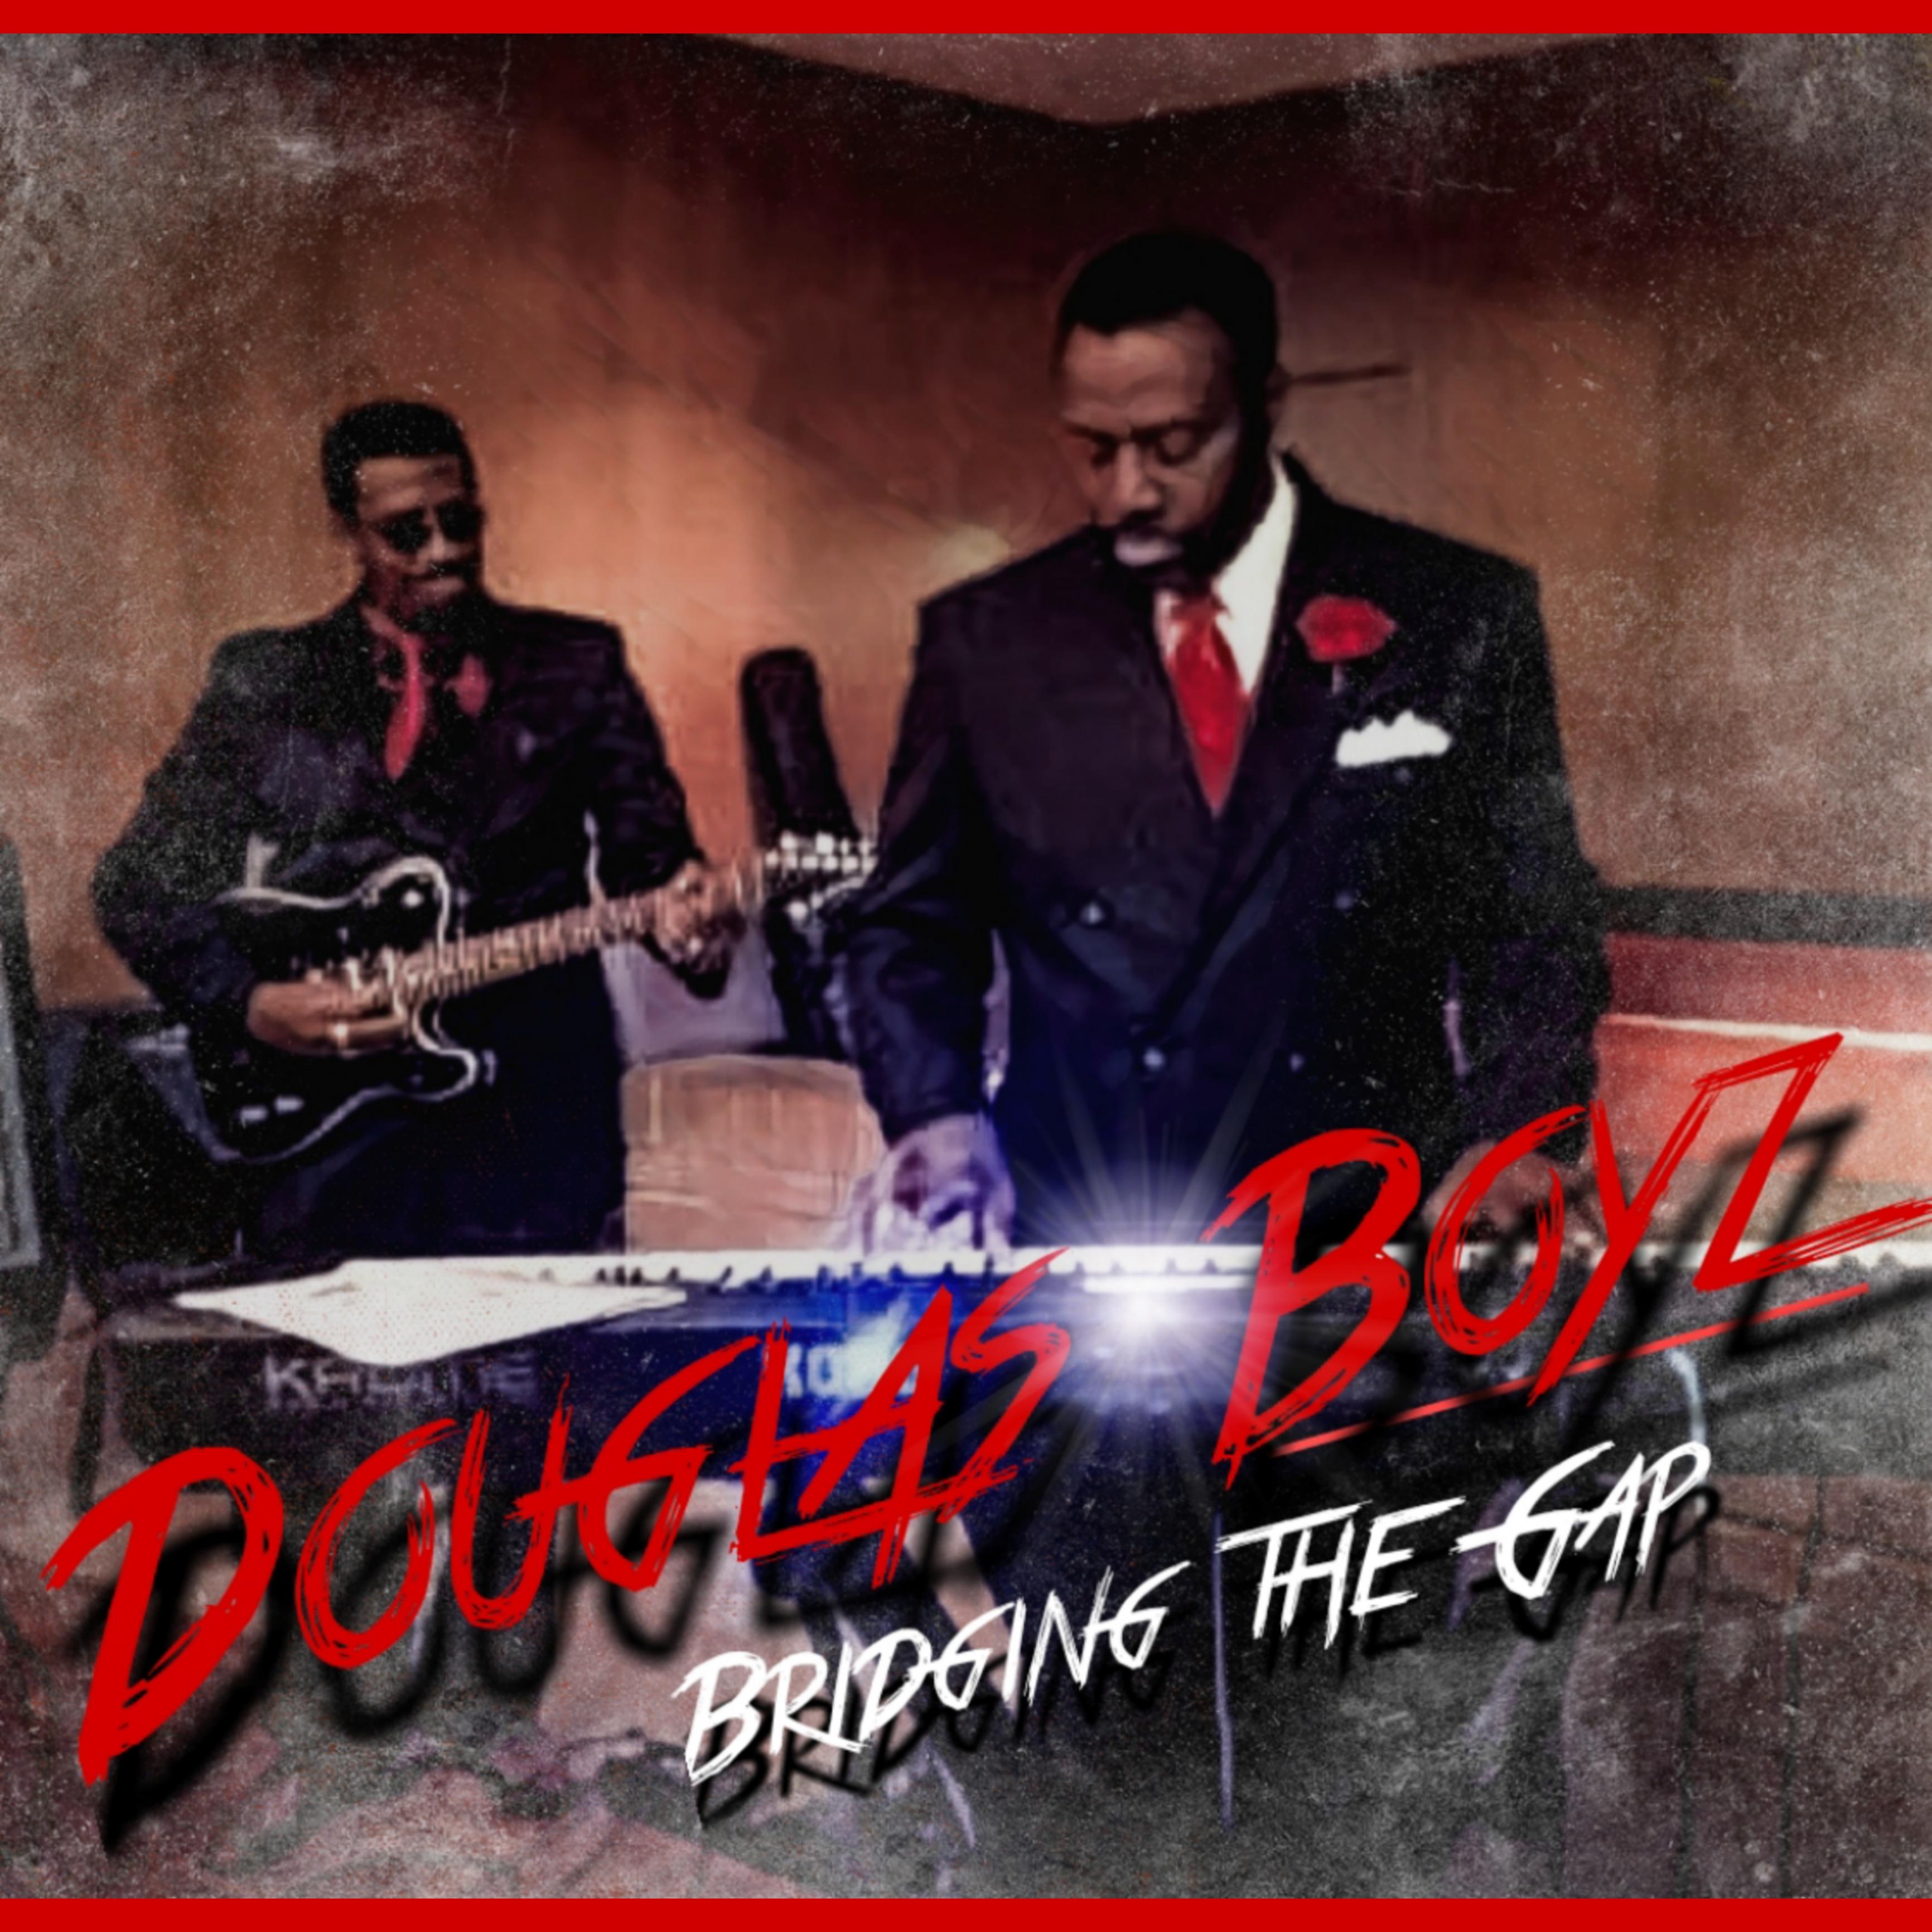 Douglas Boyz Release Bridging the Gap via Extraordinary Collective Music Group